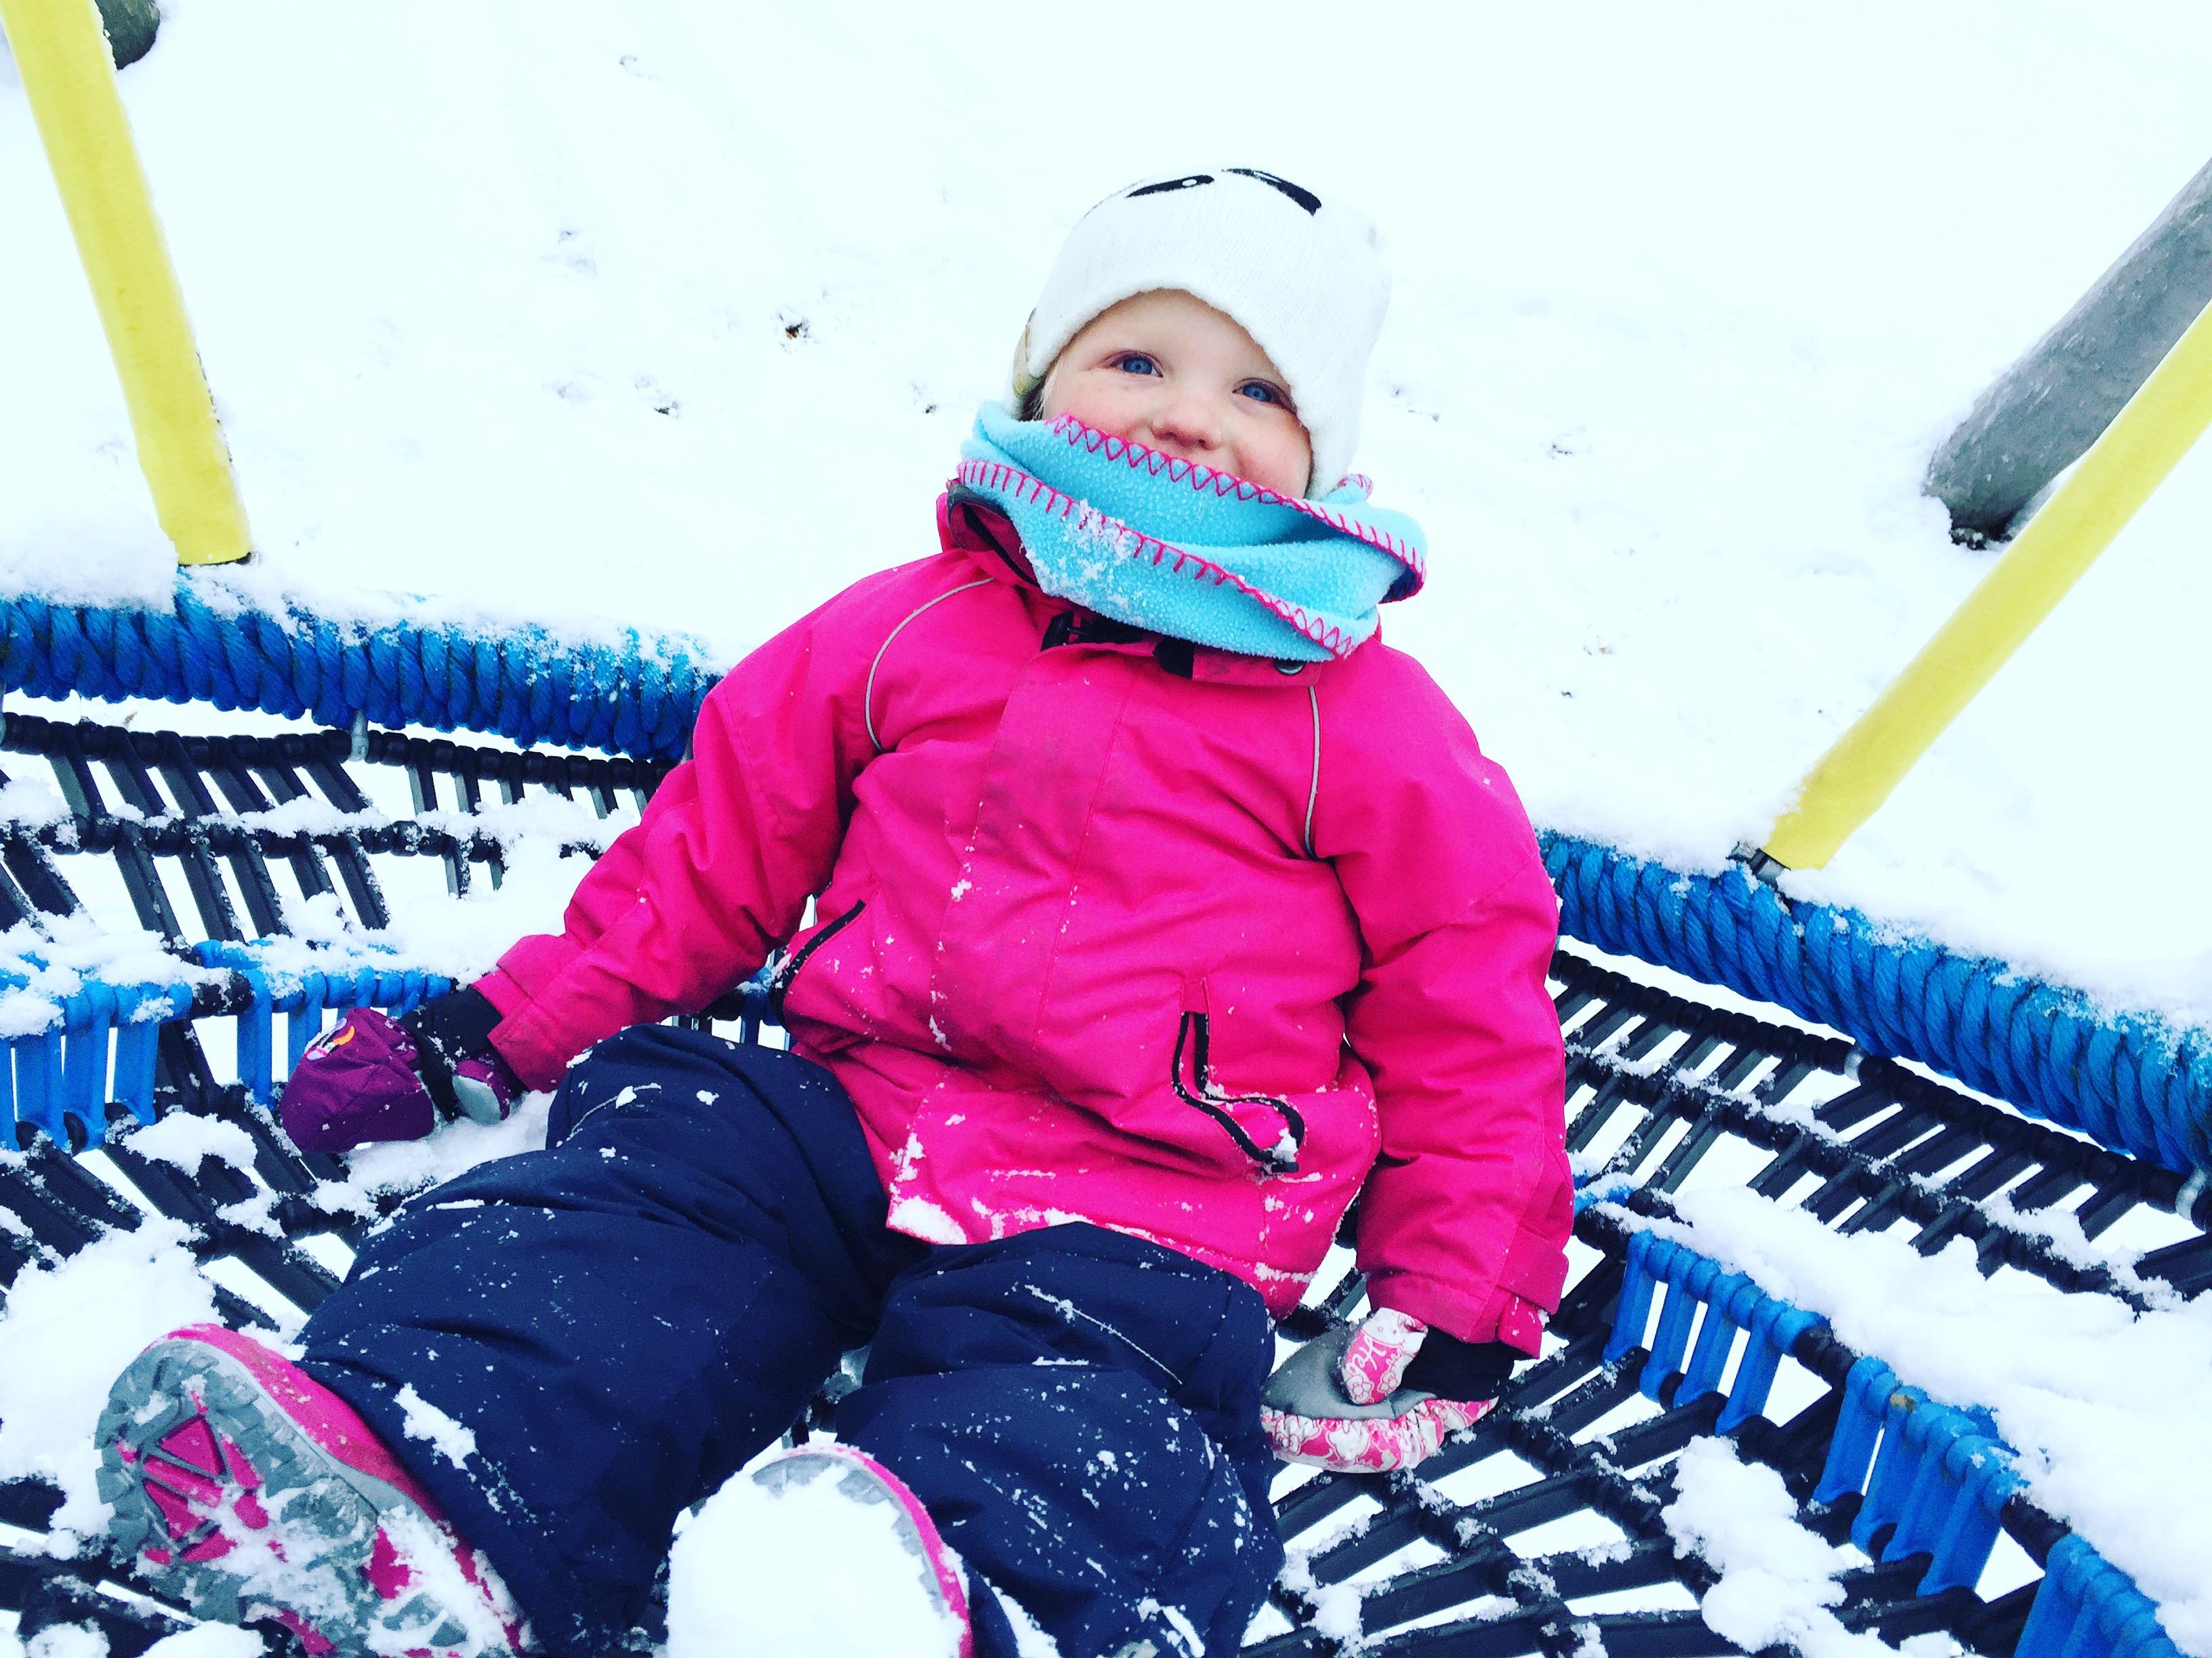 Vrijdag hebben we sneeuw! Liza vond vorig jaar de sneeuw niks, dit jaar nog steeds niet. Naar de speeltuin wilde ze wel gelukkig